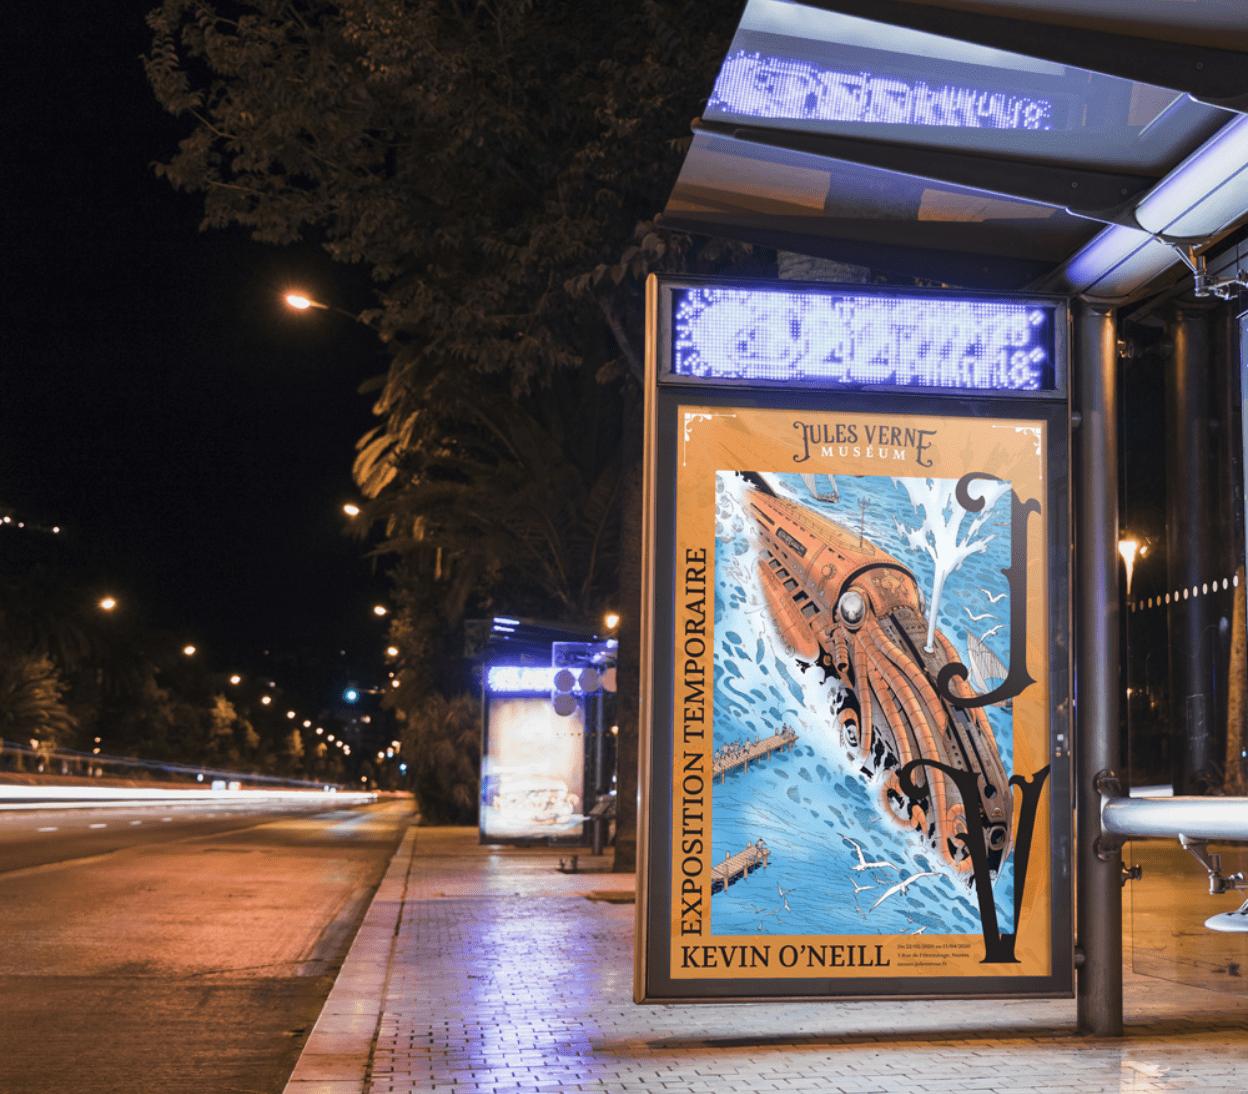 Musée Jules Verne 5 - Arnaud Le Roux - Directeur Artistique Digital & Développeur Front-End